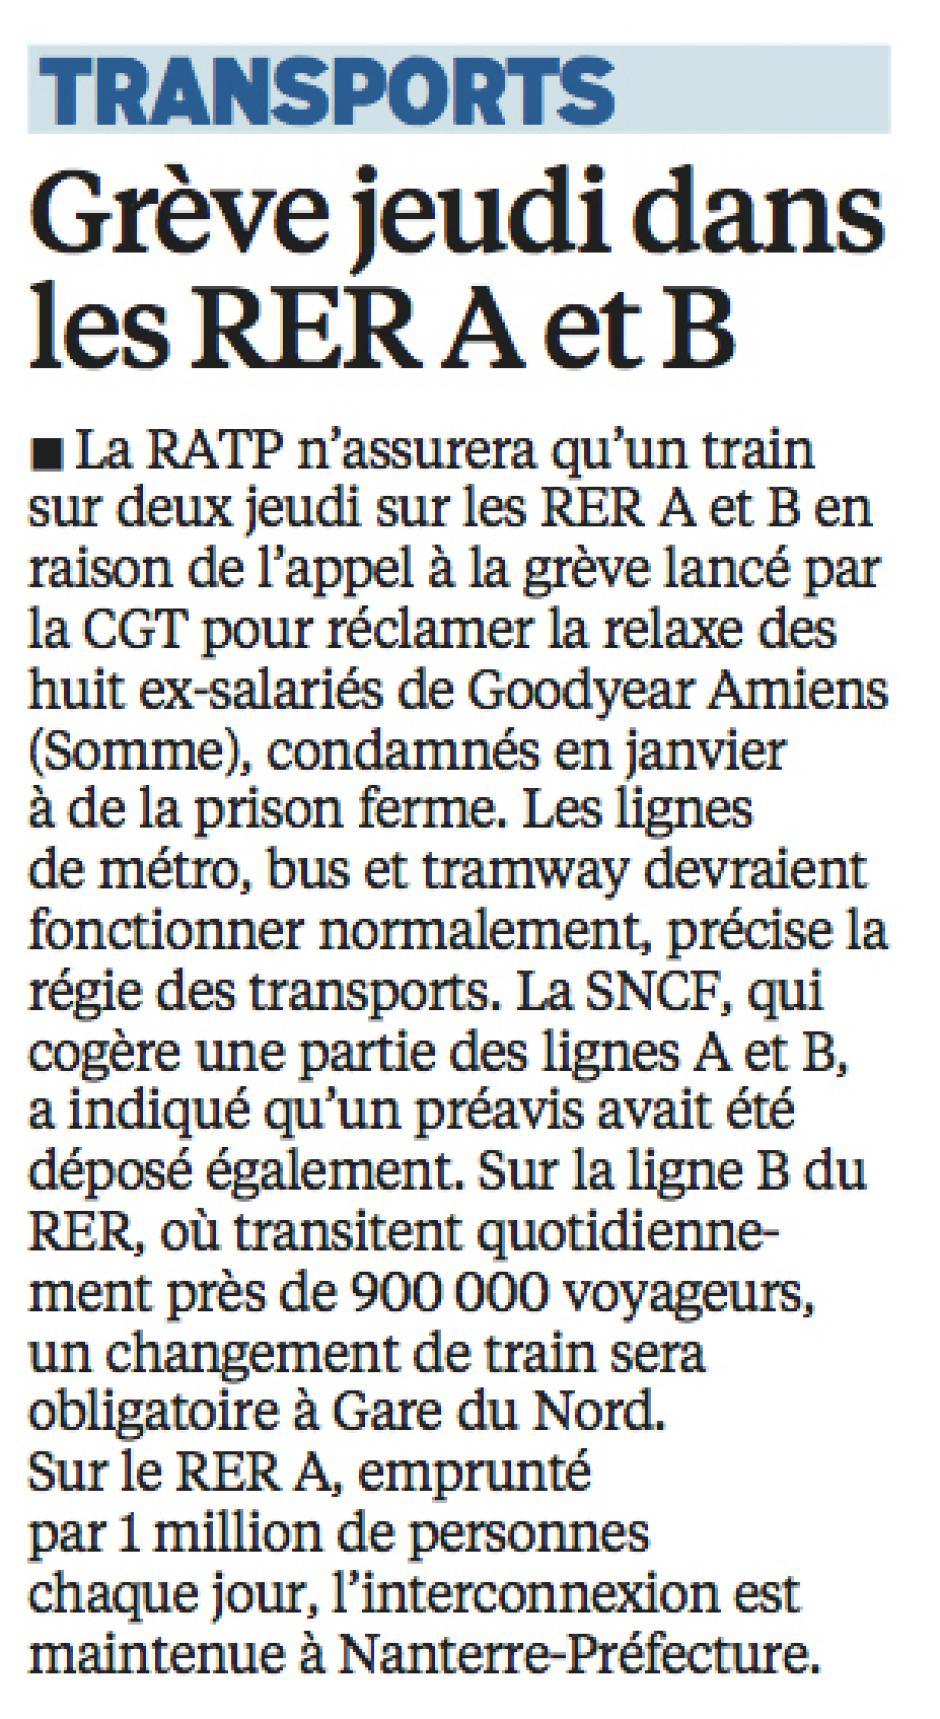 20160203-LeP-Paris-Grève jeudi dans les RER A et B [Goodyear]